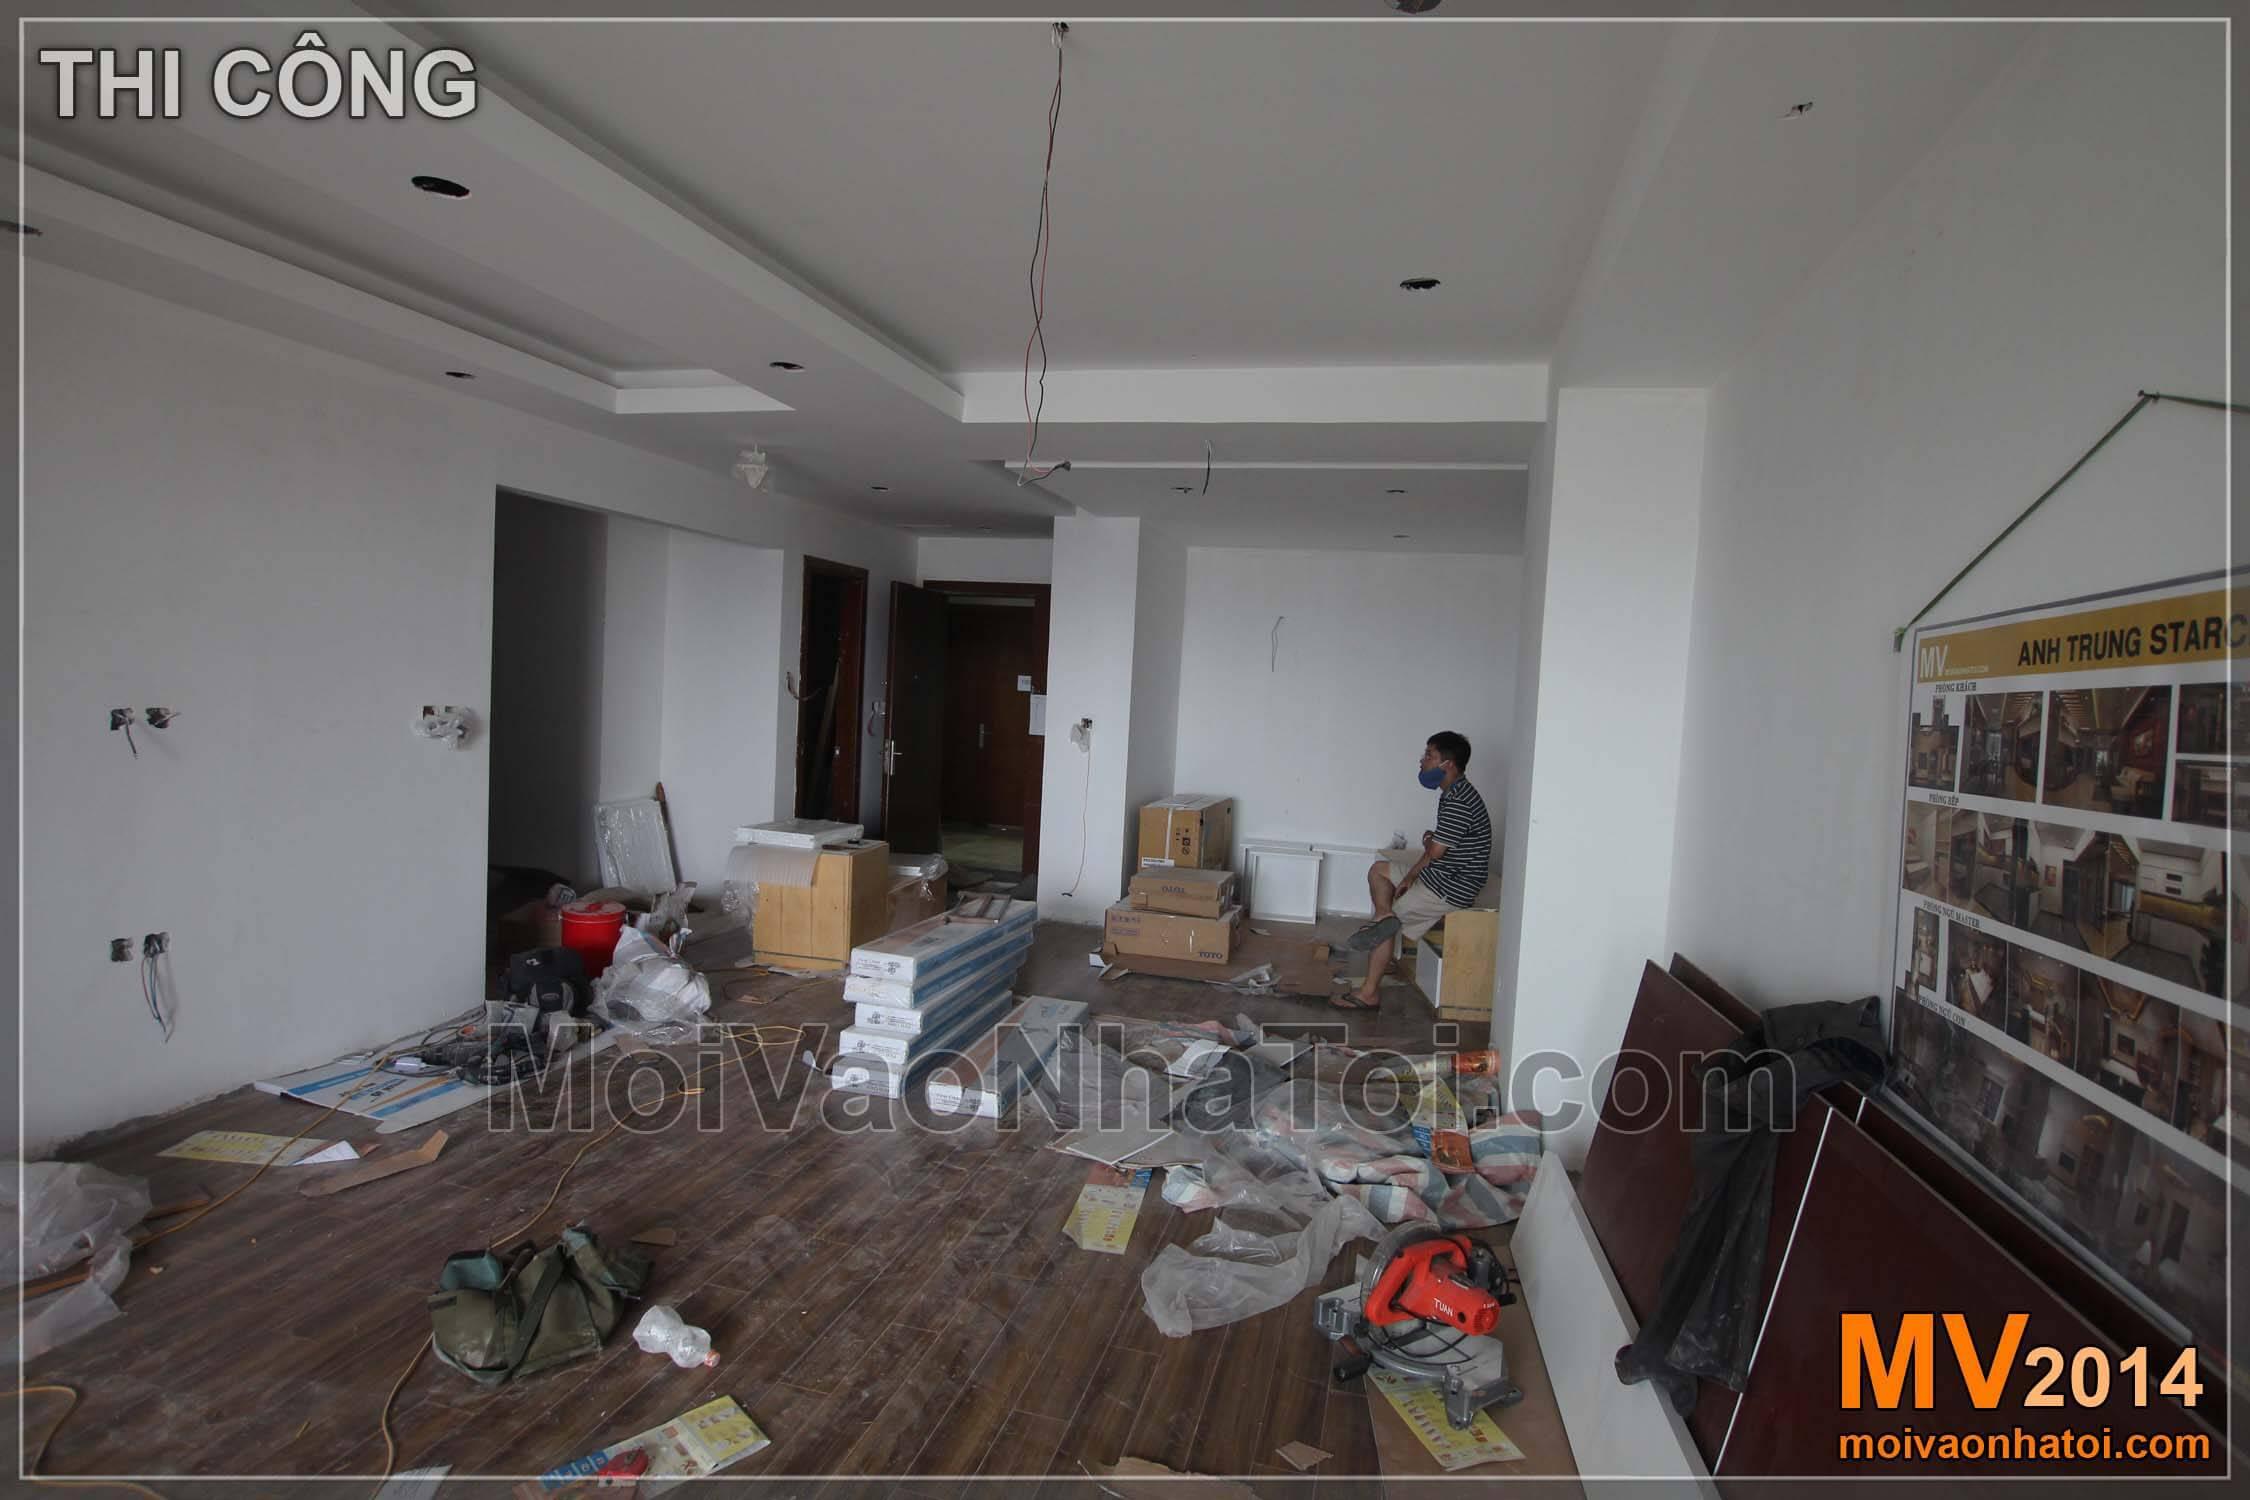 Góc nhìn theo hướng từ ban công vào trong nhà - Quá trình lắp đặt đồ gỗ nội thất